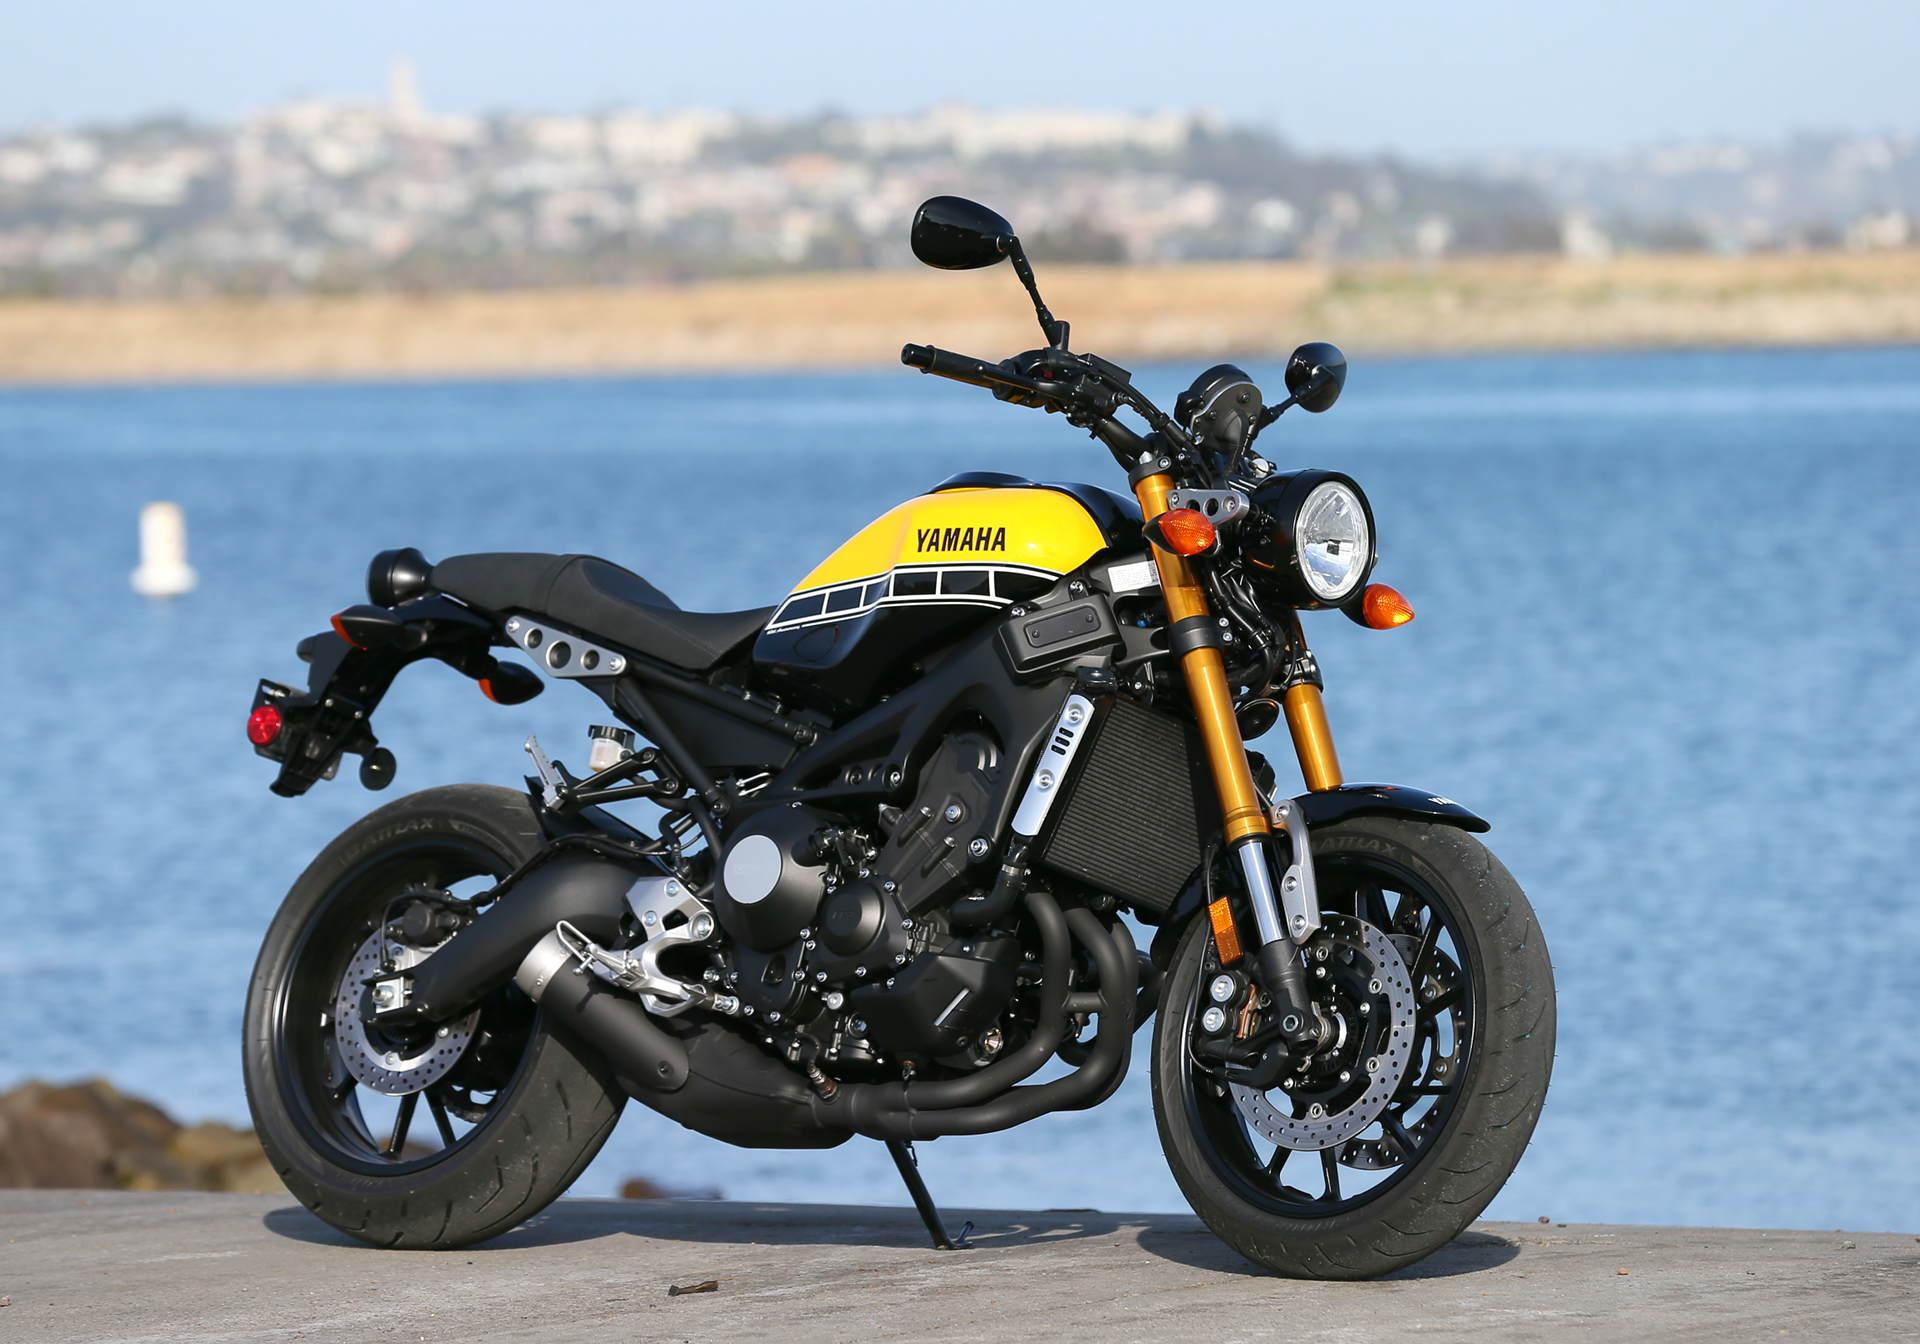 Round Motorcycle Led Headlight For Yamaha Xs